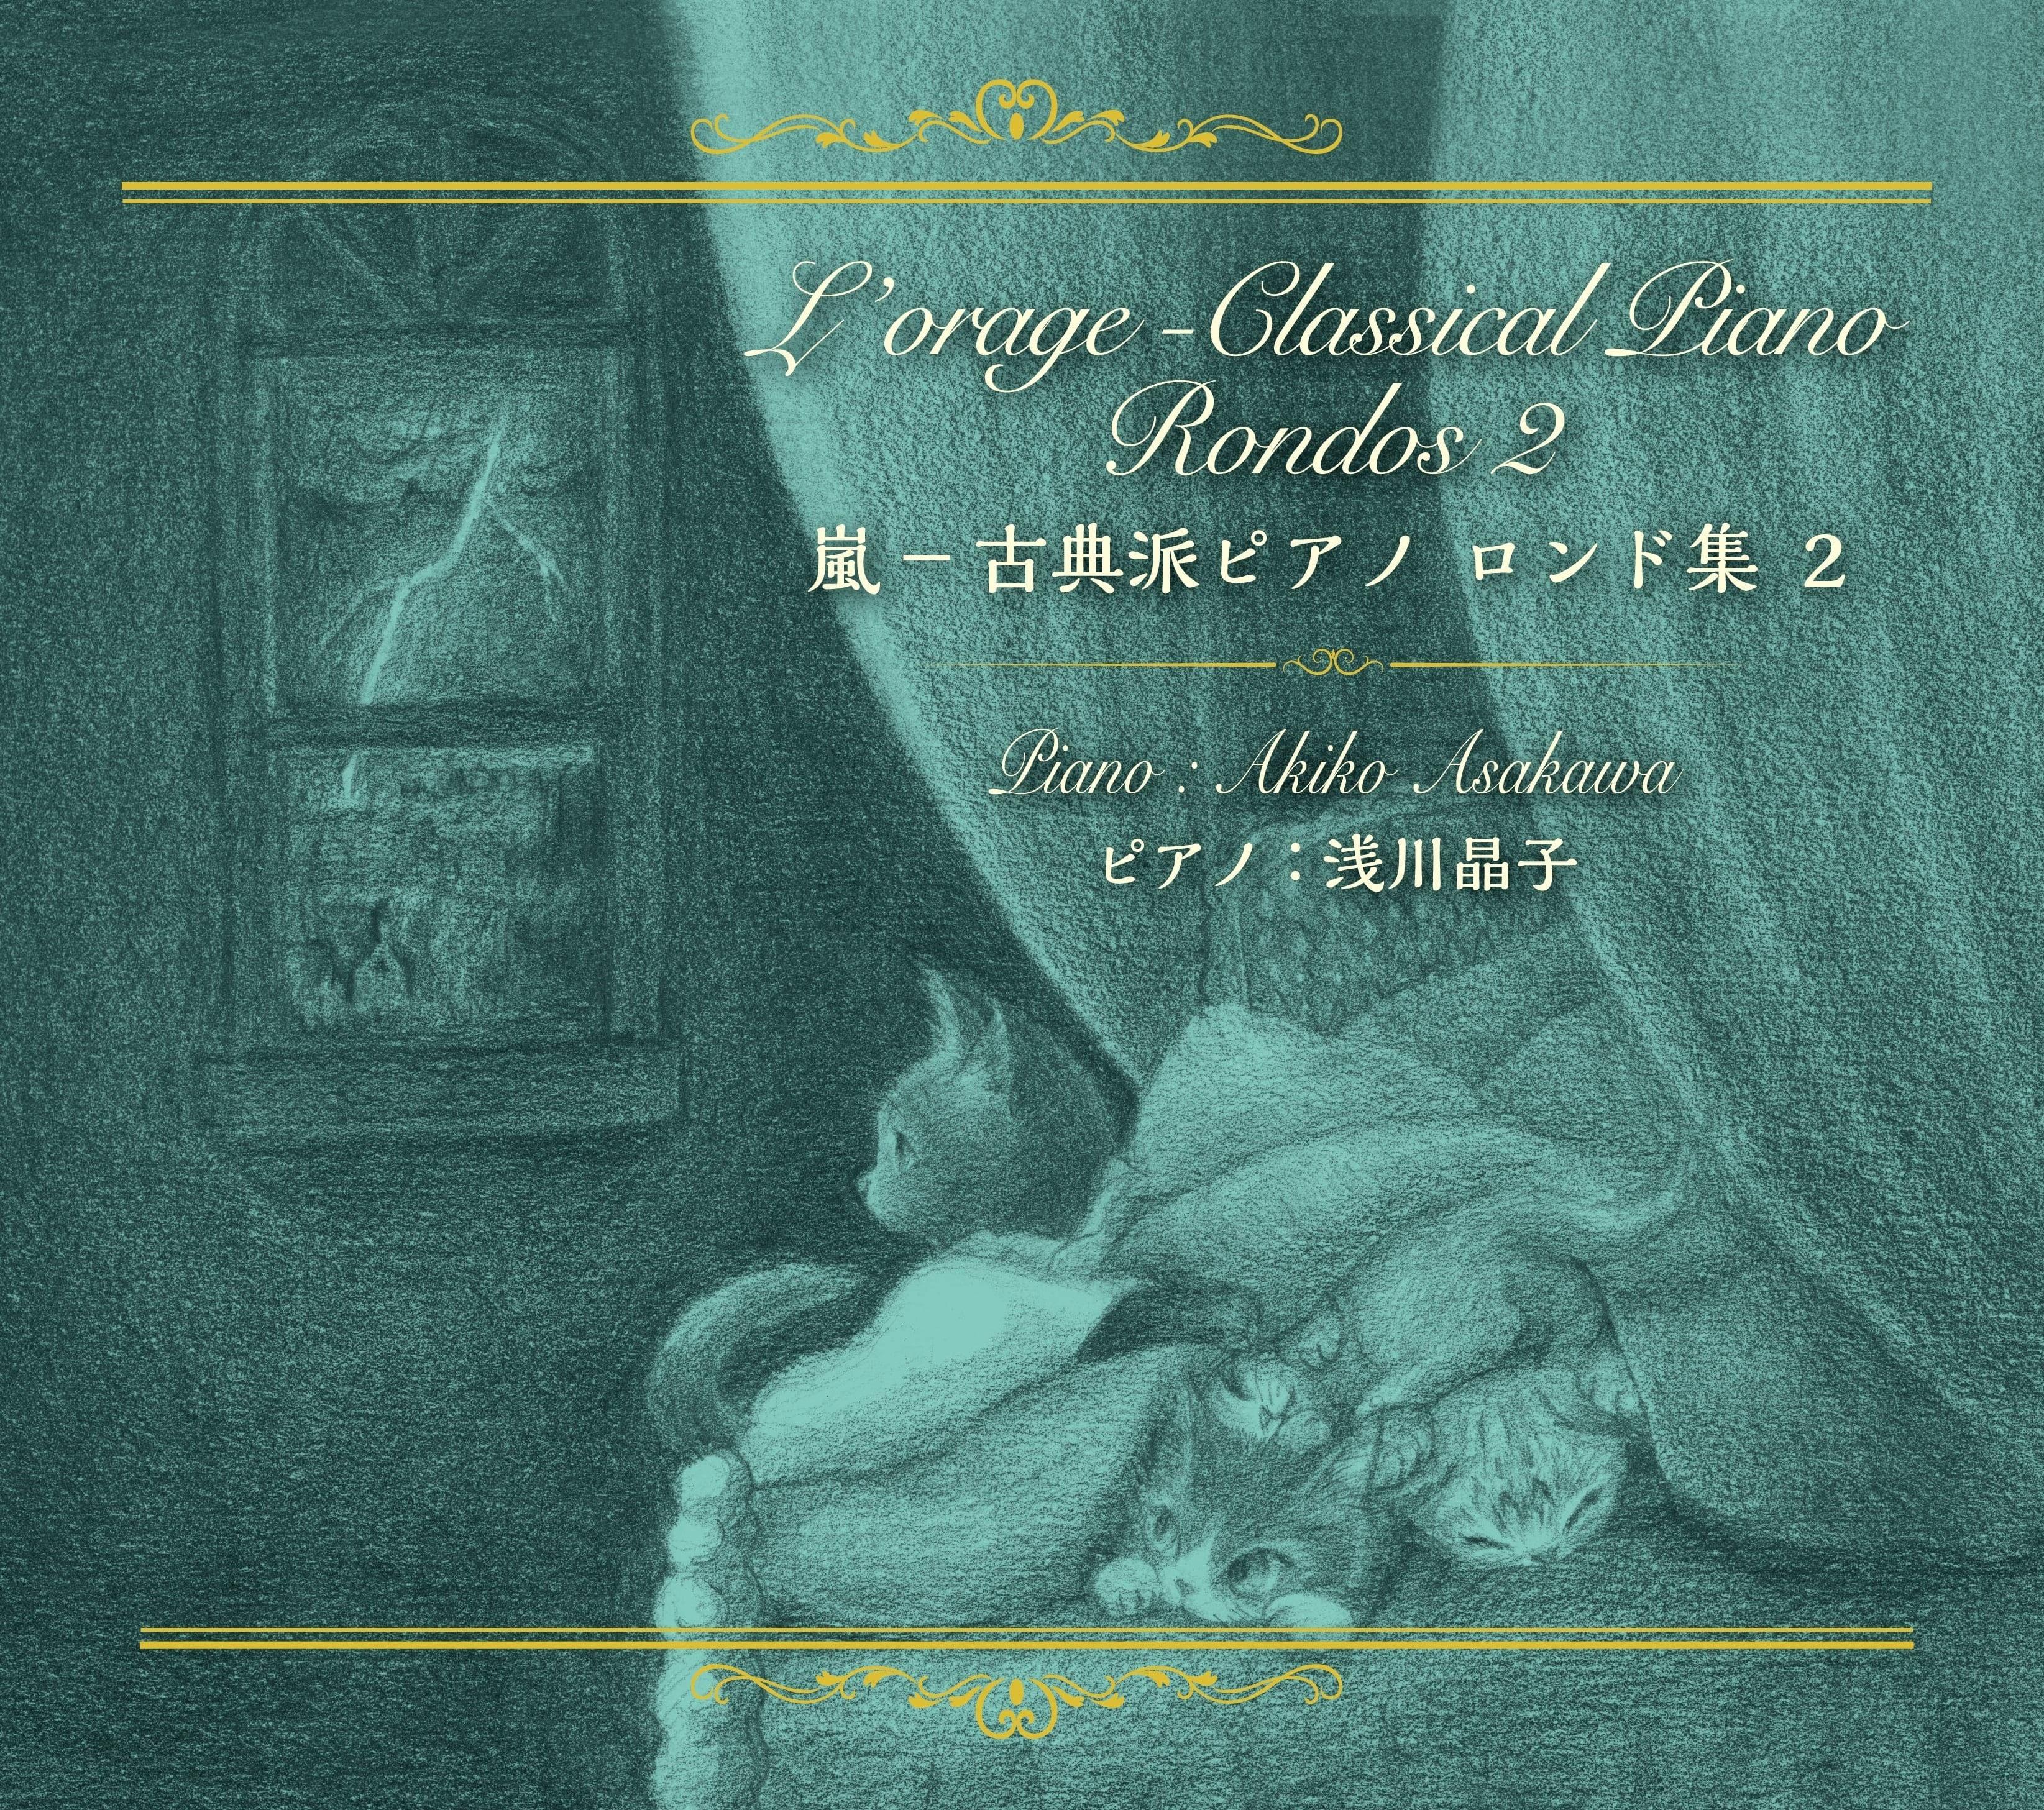 嵐 - 古典派ピアノ ロンド集 2(WKCD-0135)